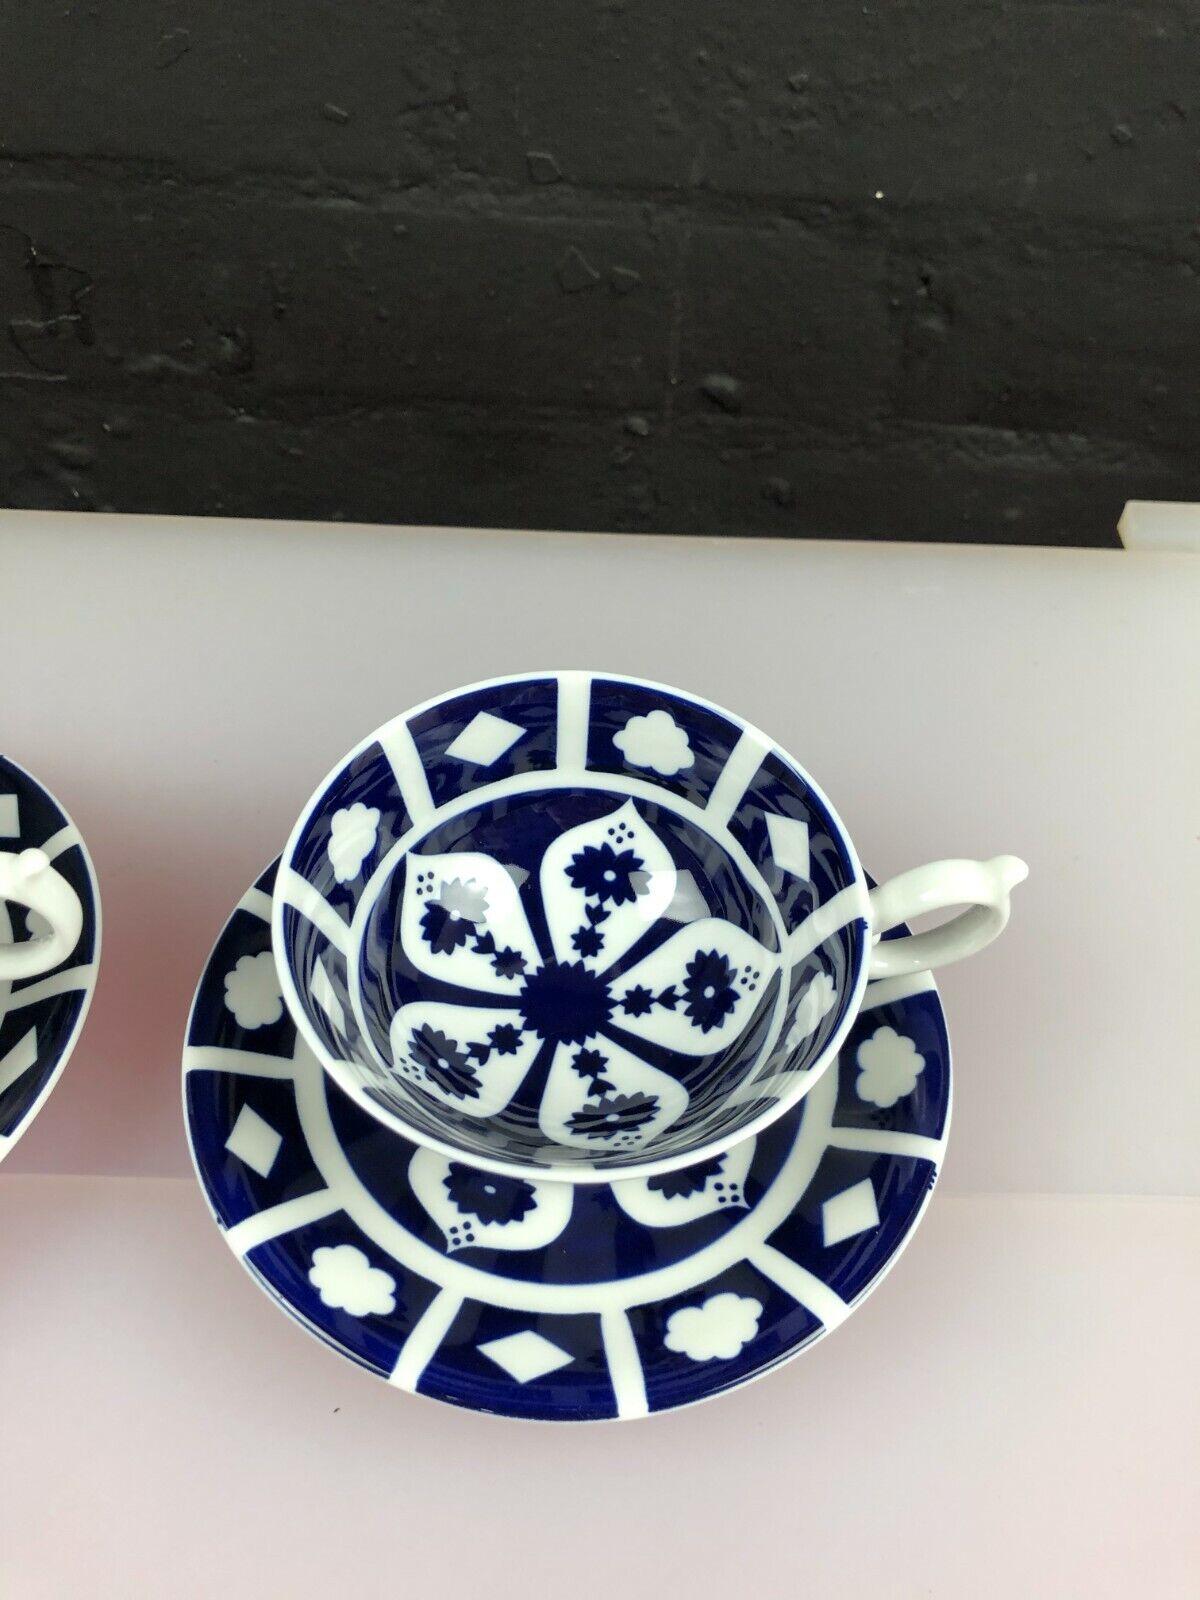 Image 3 - 2 x Royal Crown Derby Unfinished Imari 1128 Elizabeth Tea Cups & Saucers 5 Sets